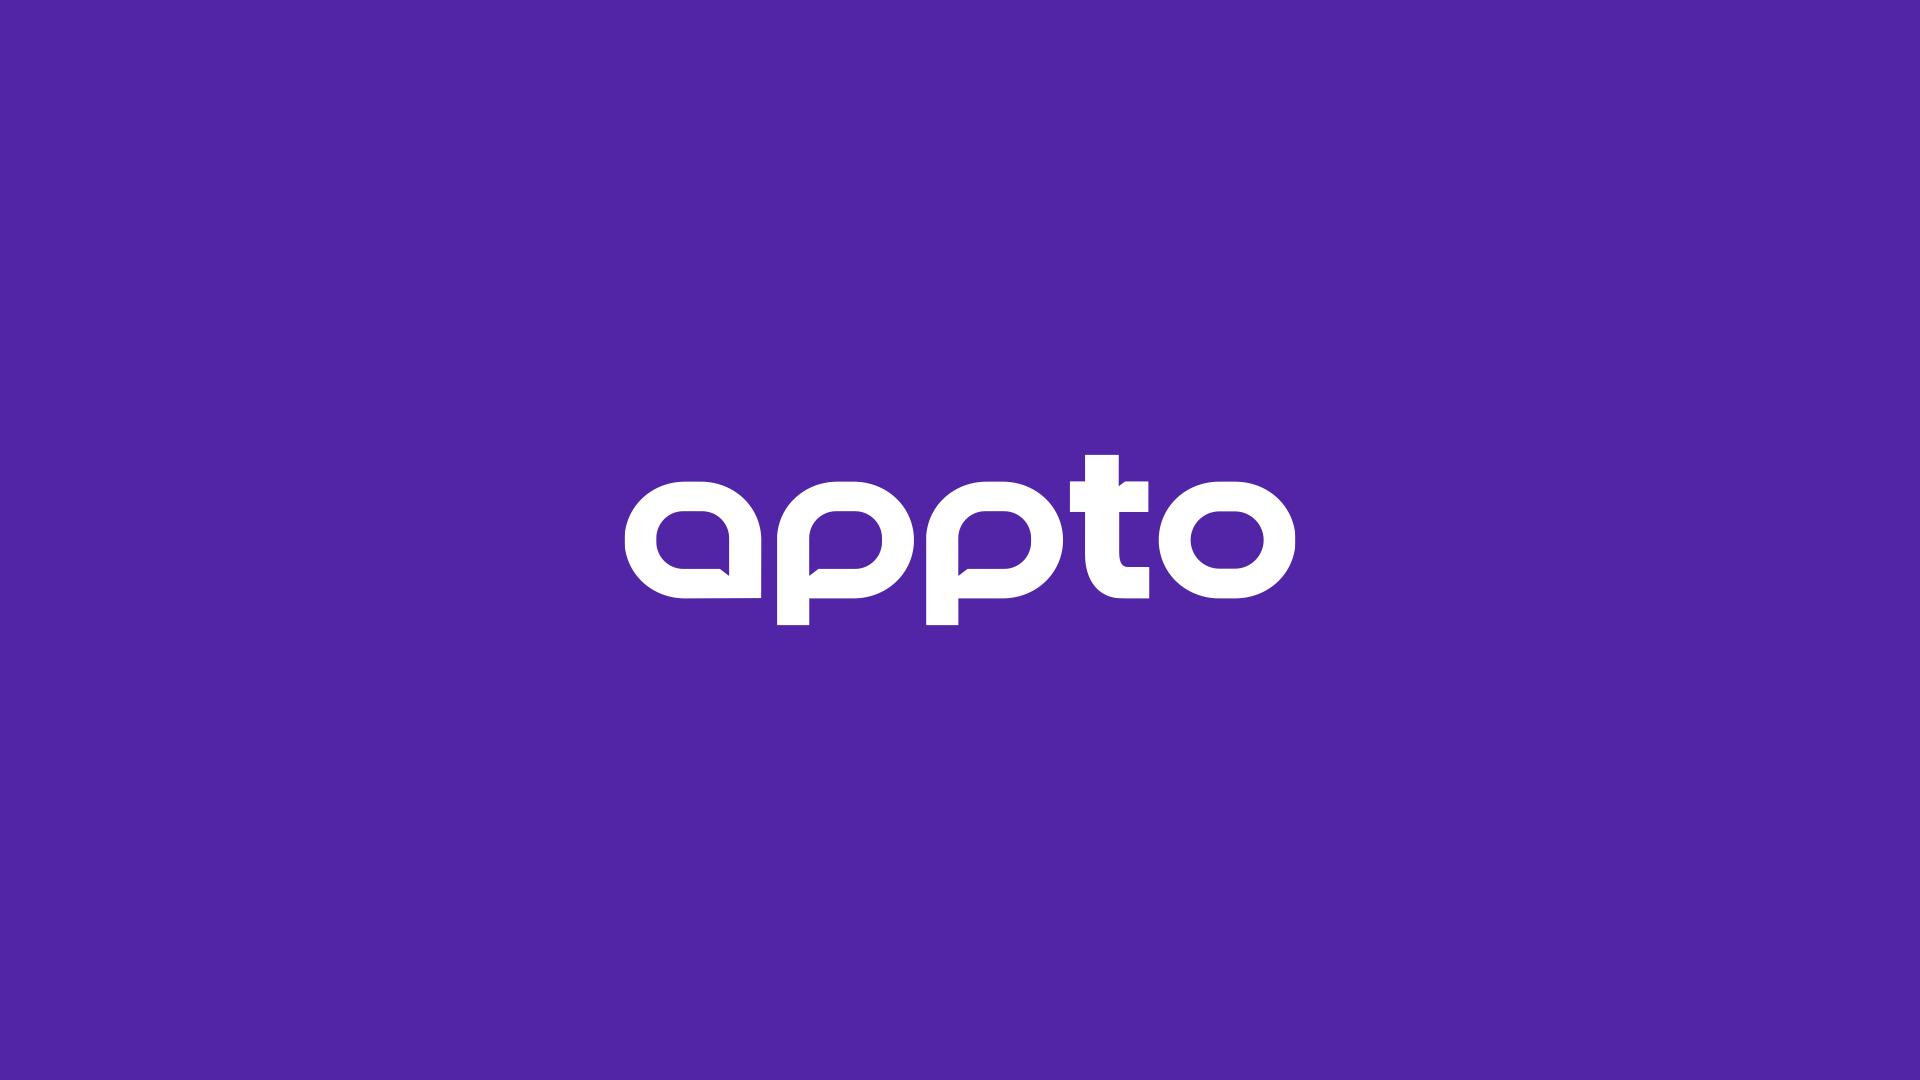 002_appto